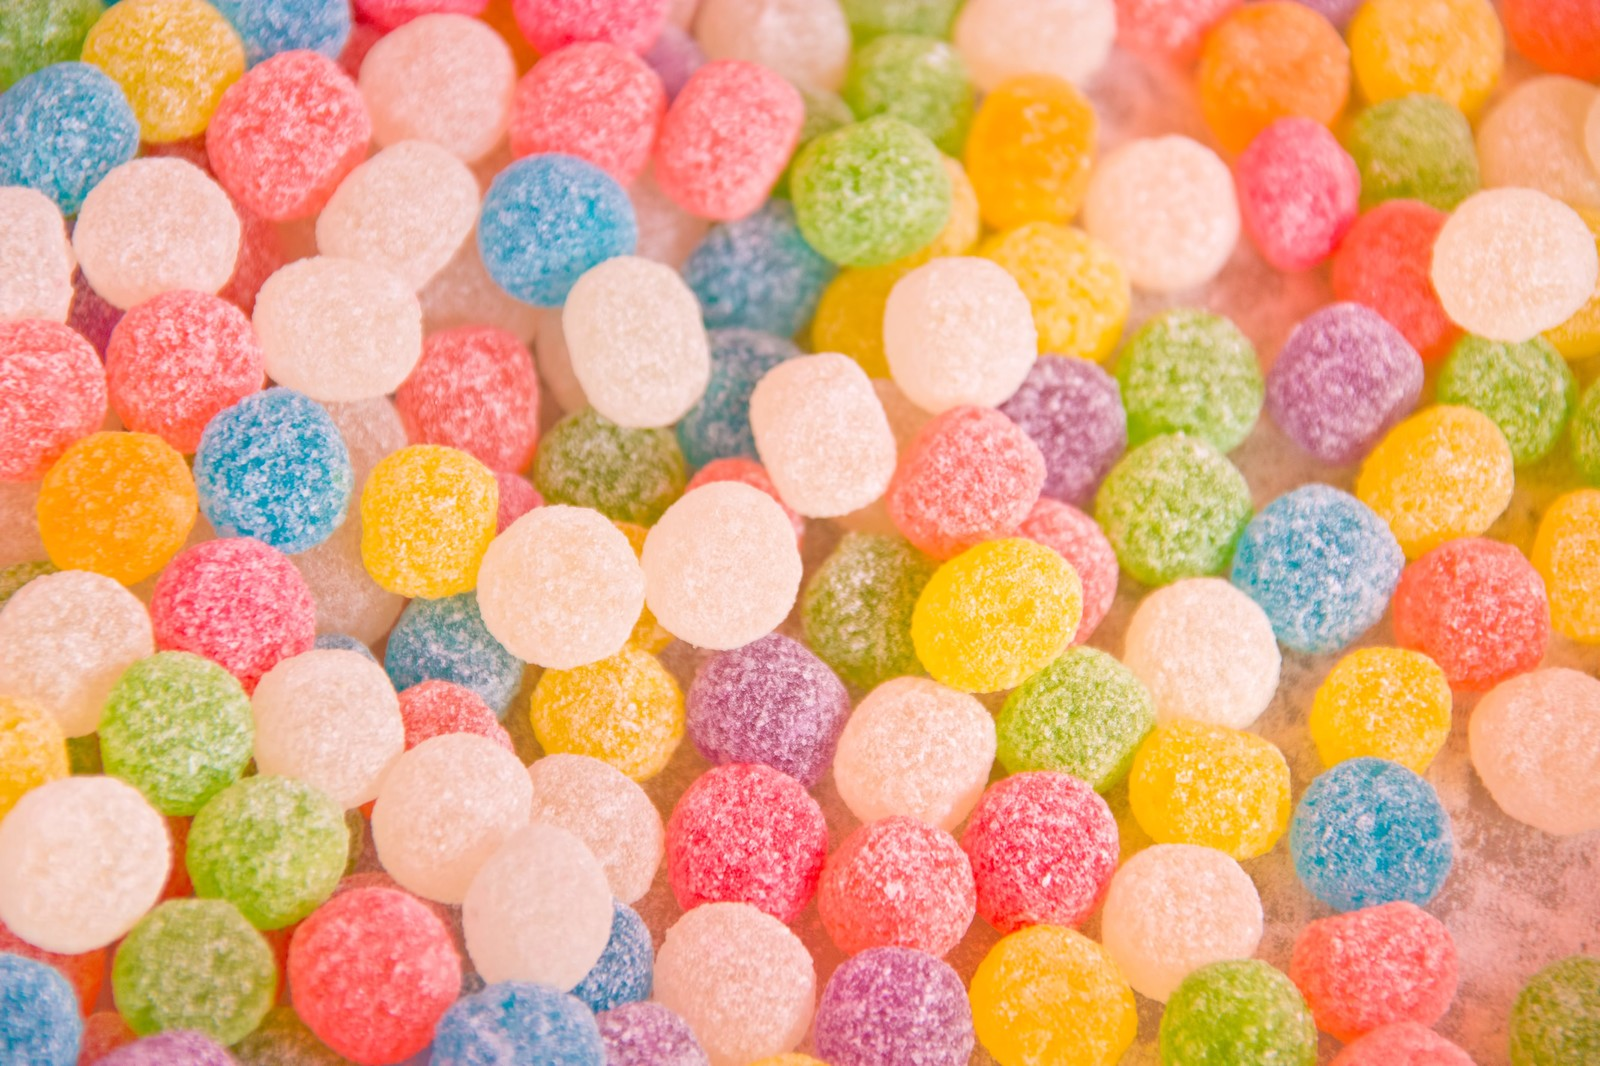 「カラフルな金平糖」の写真